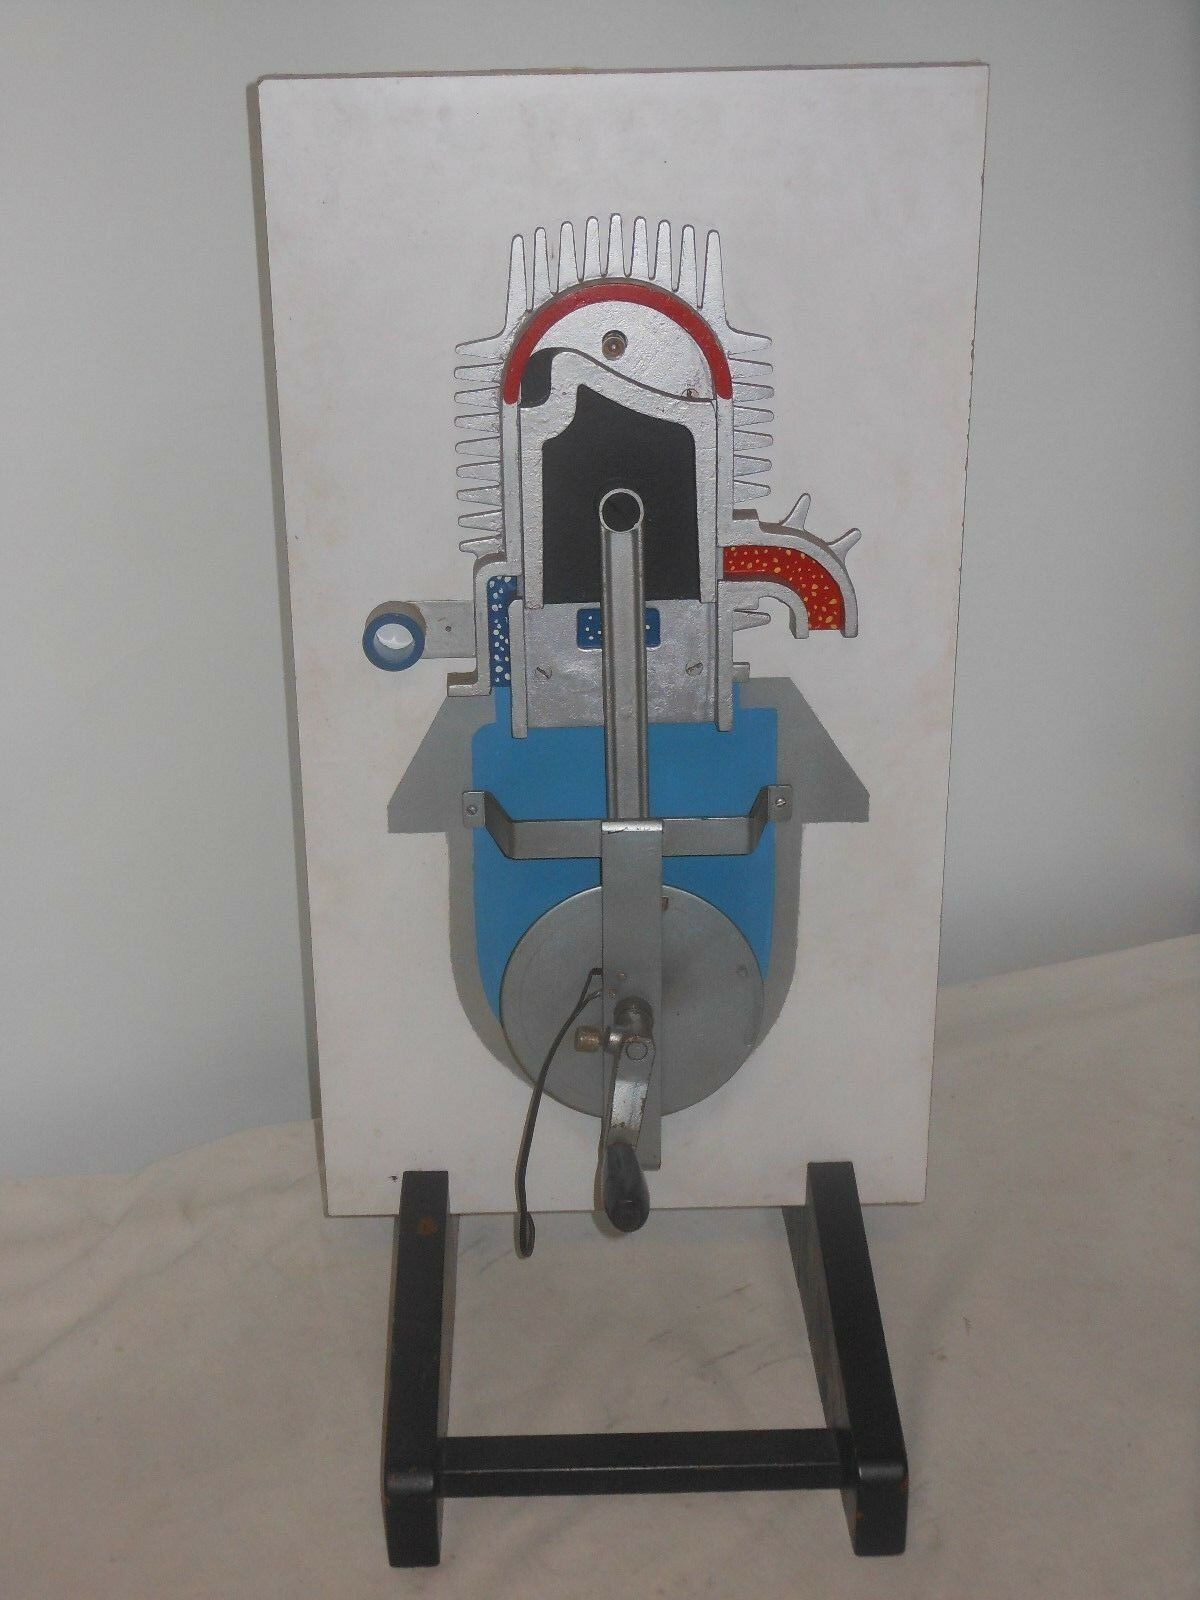 VINTAGE GRANDE di motore lehrmodell-di guida schulmodell-sezione Modello-altezza 67cm